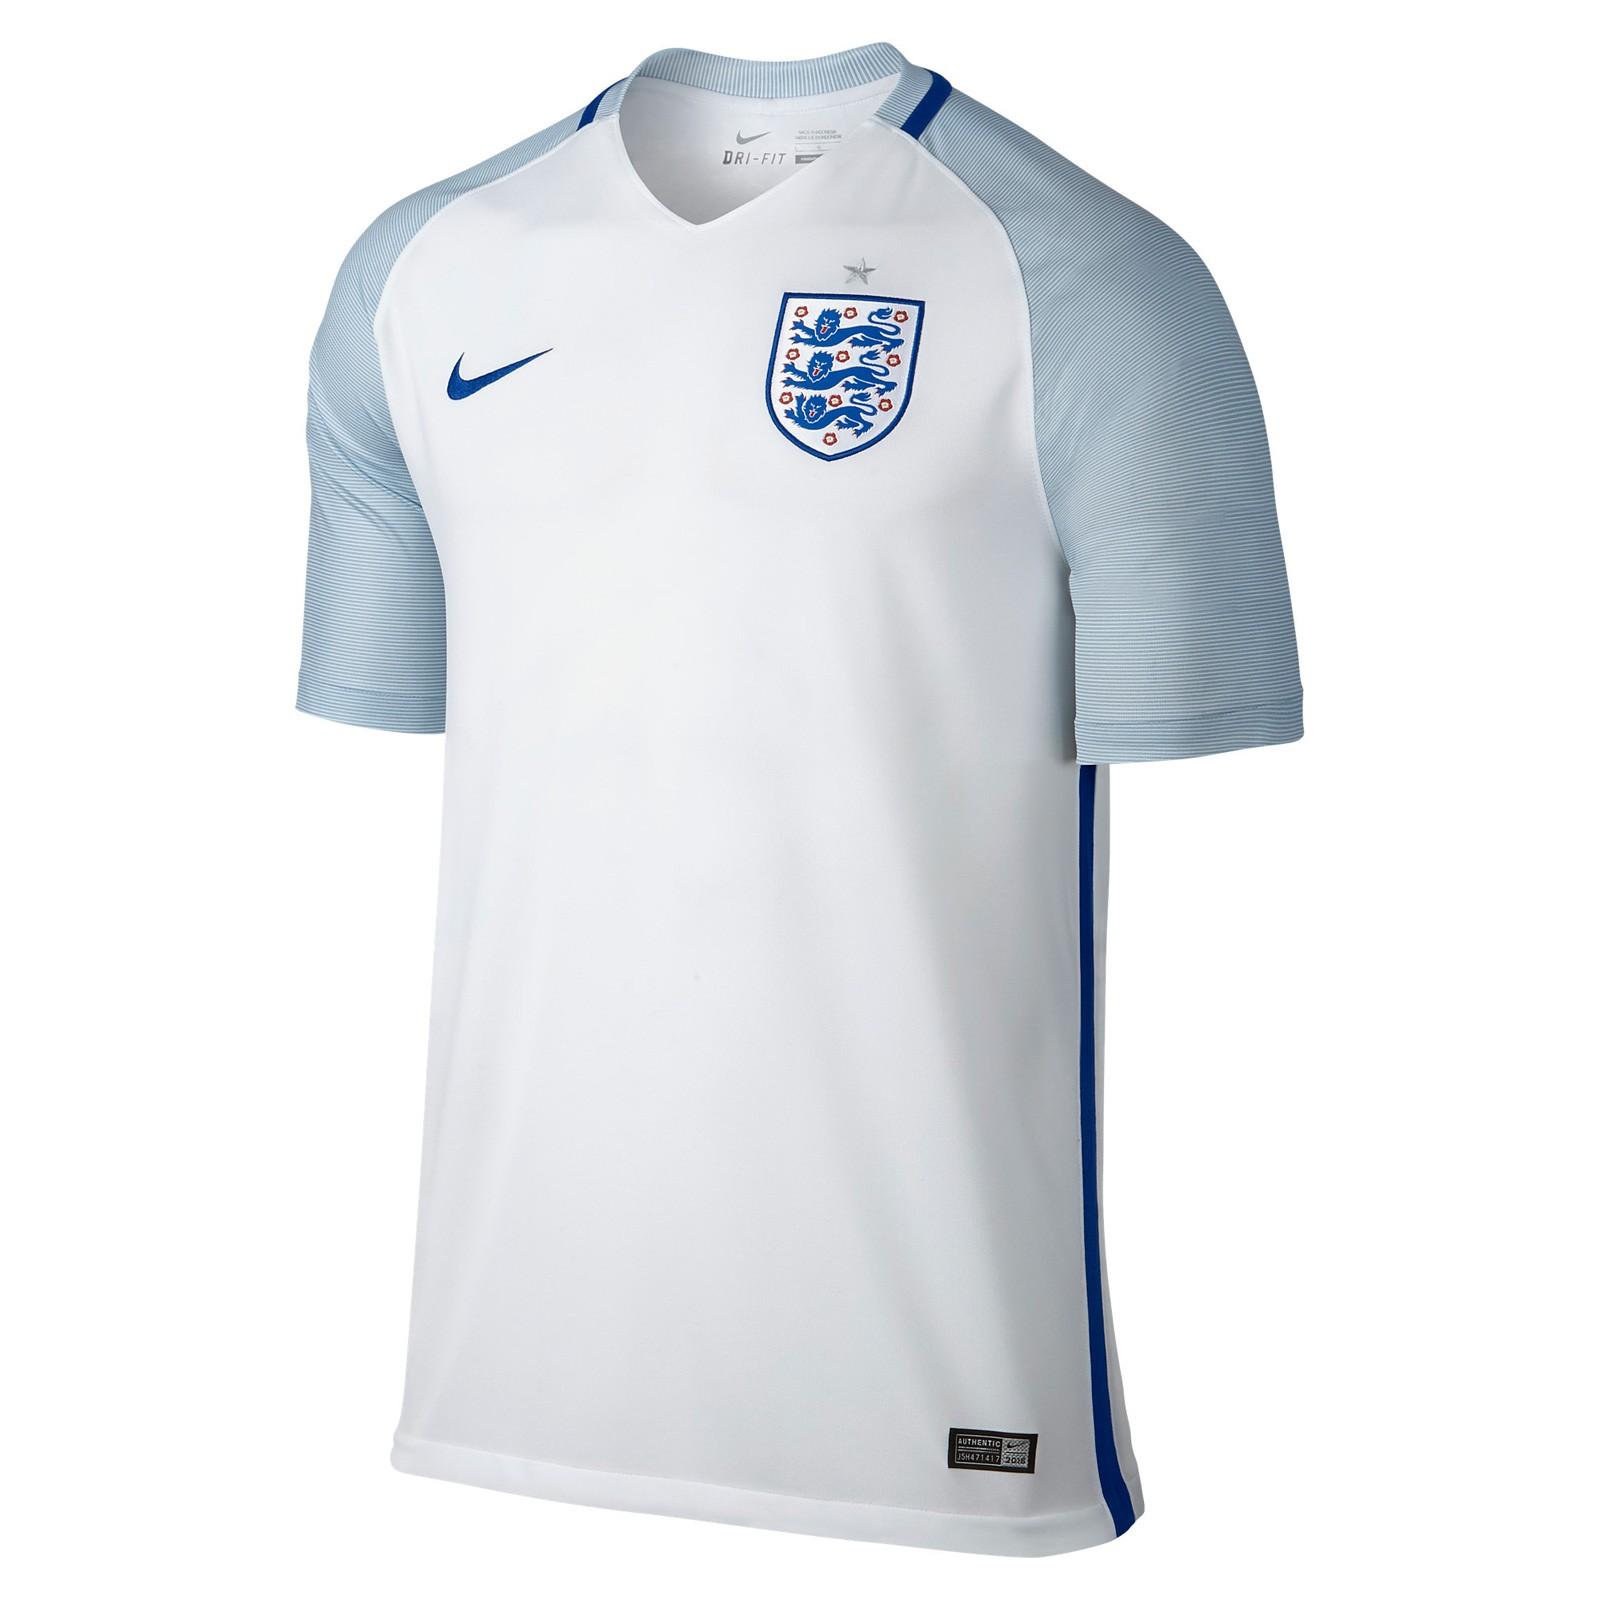 英格兰国家队2016欧洲杯球迷版主场球衣